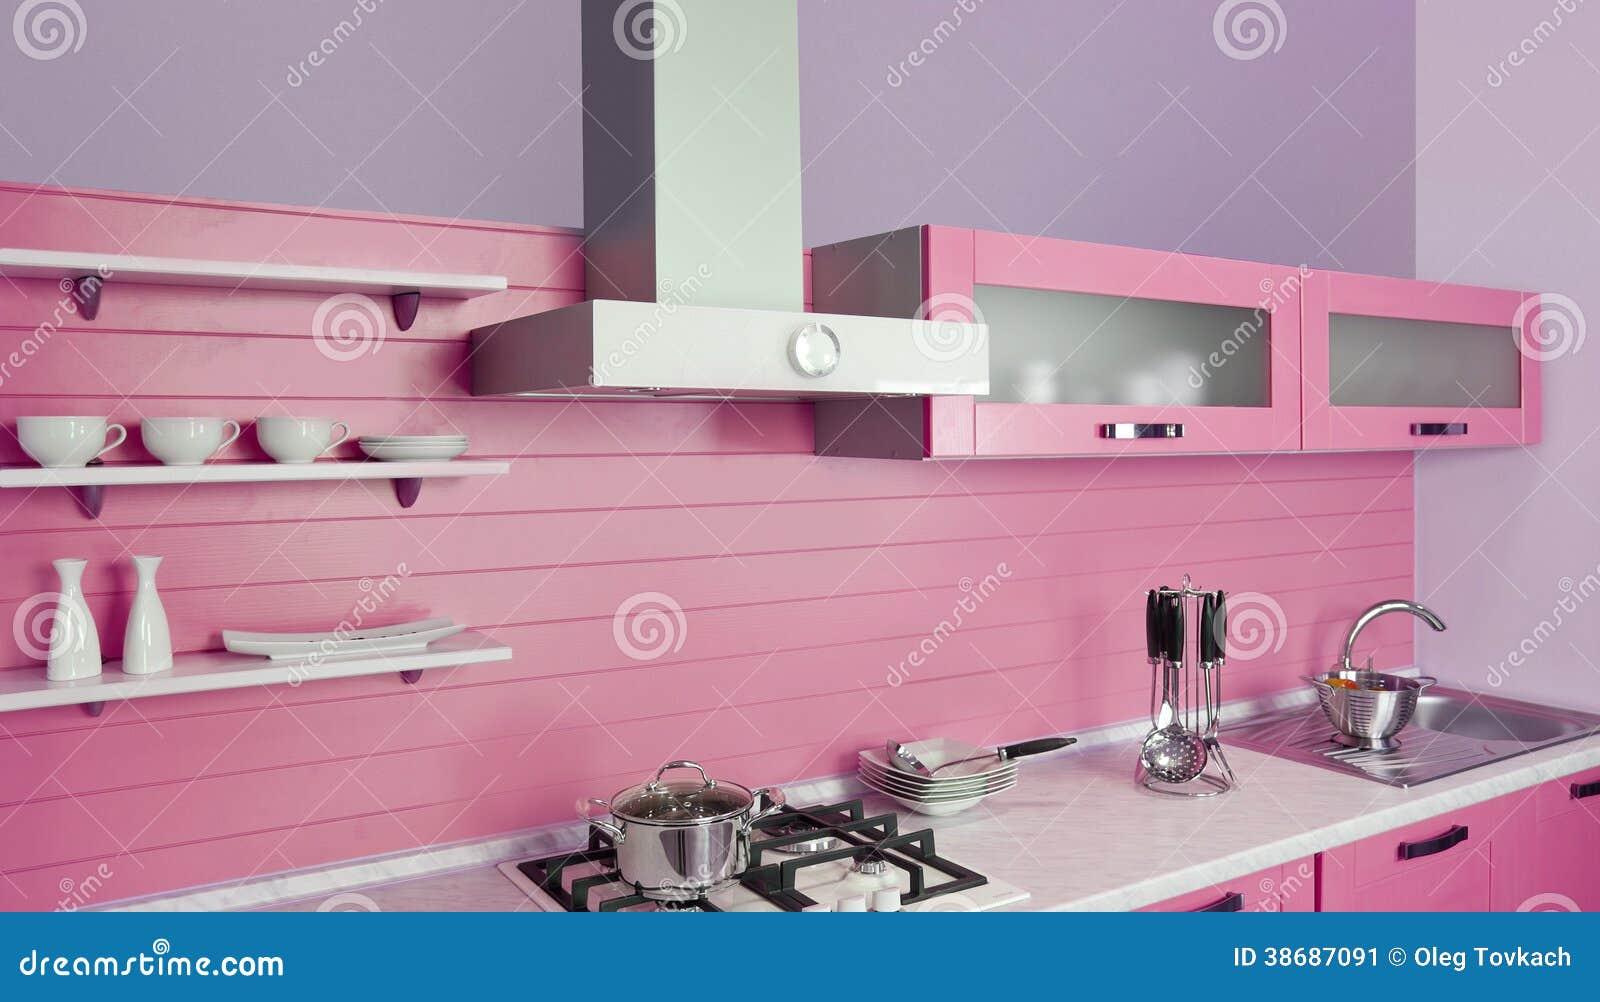 Küche In Pink | dockarm.com